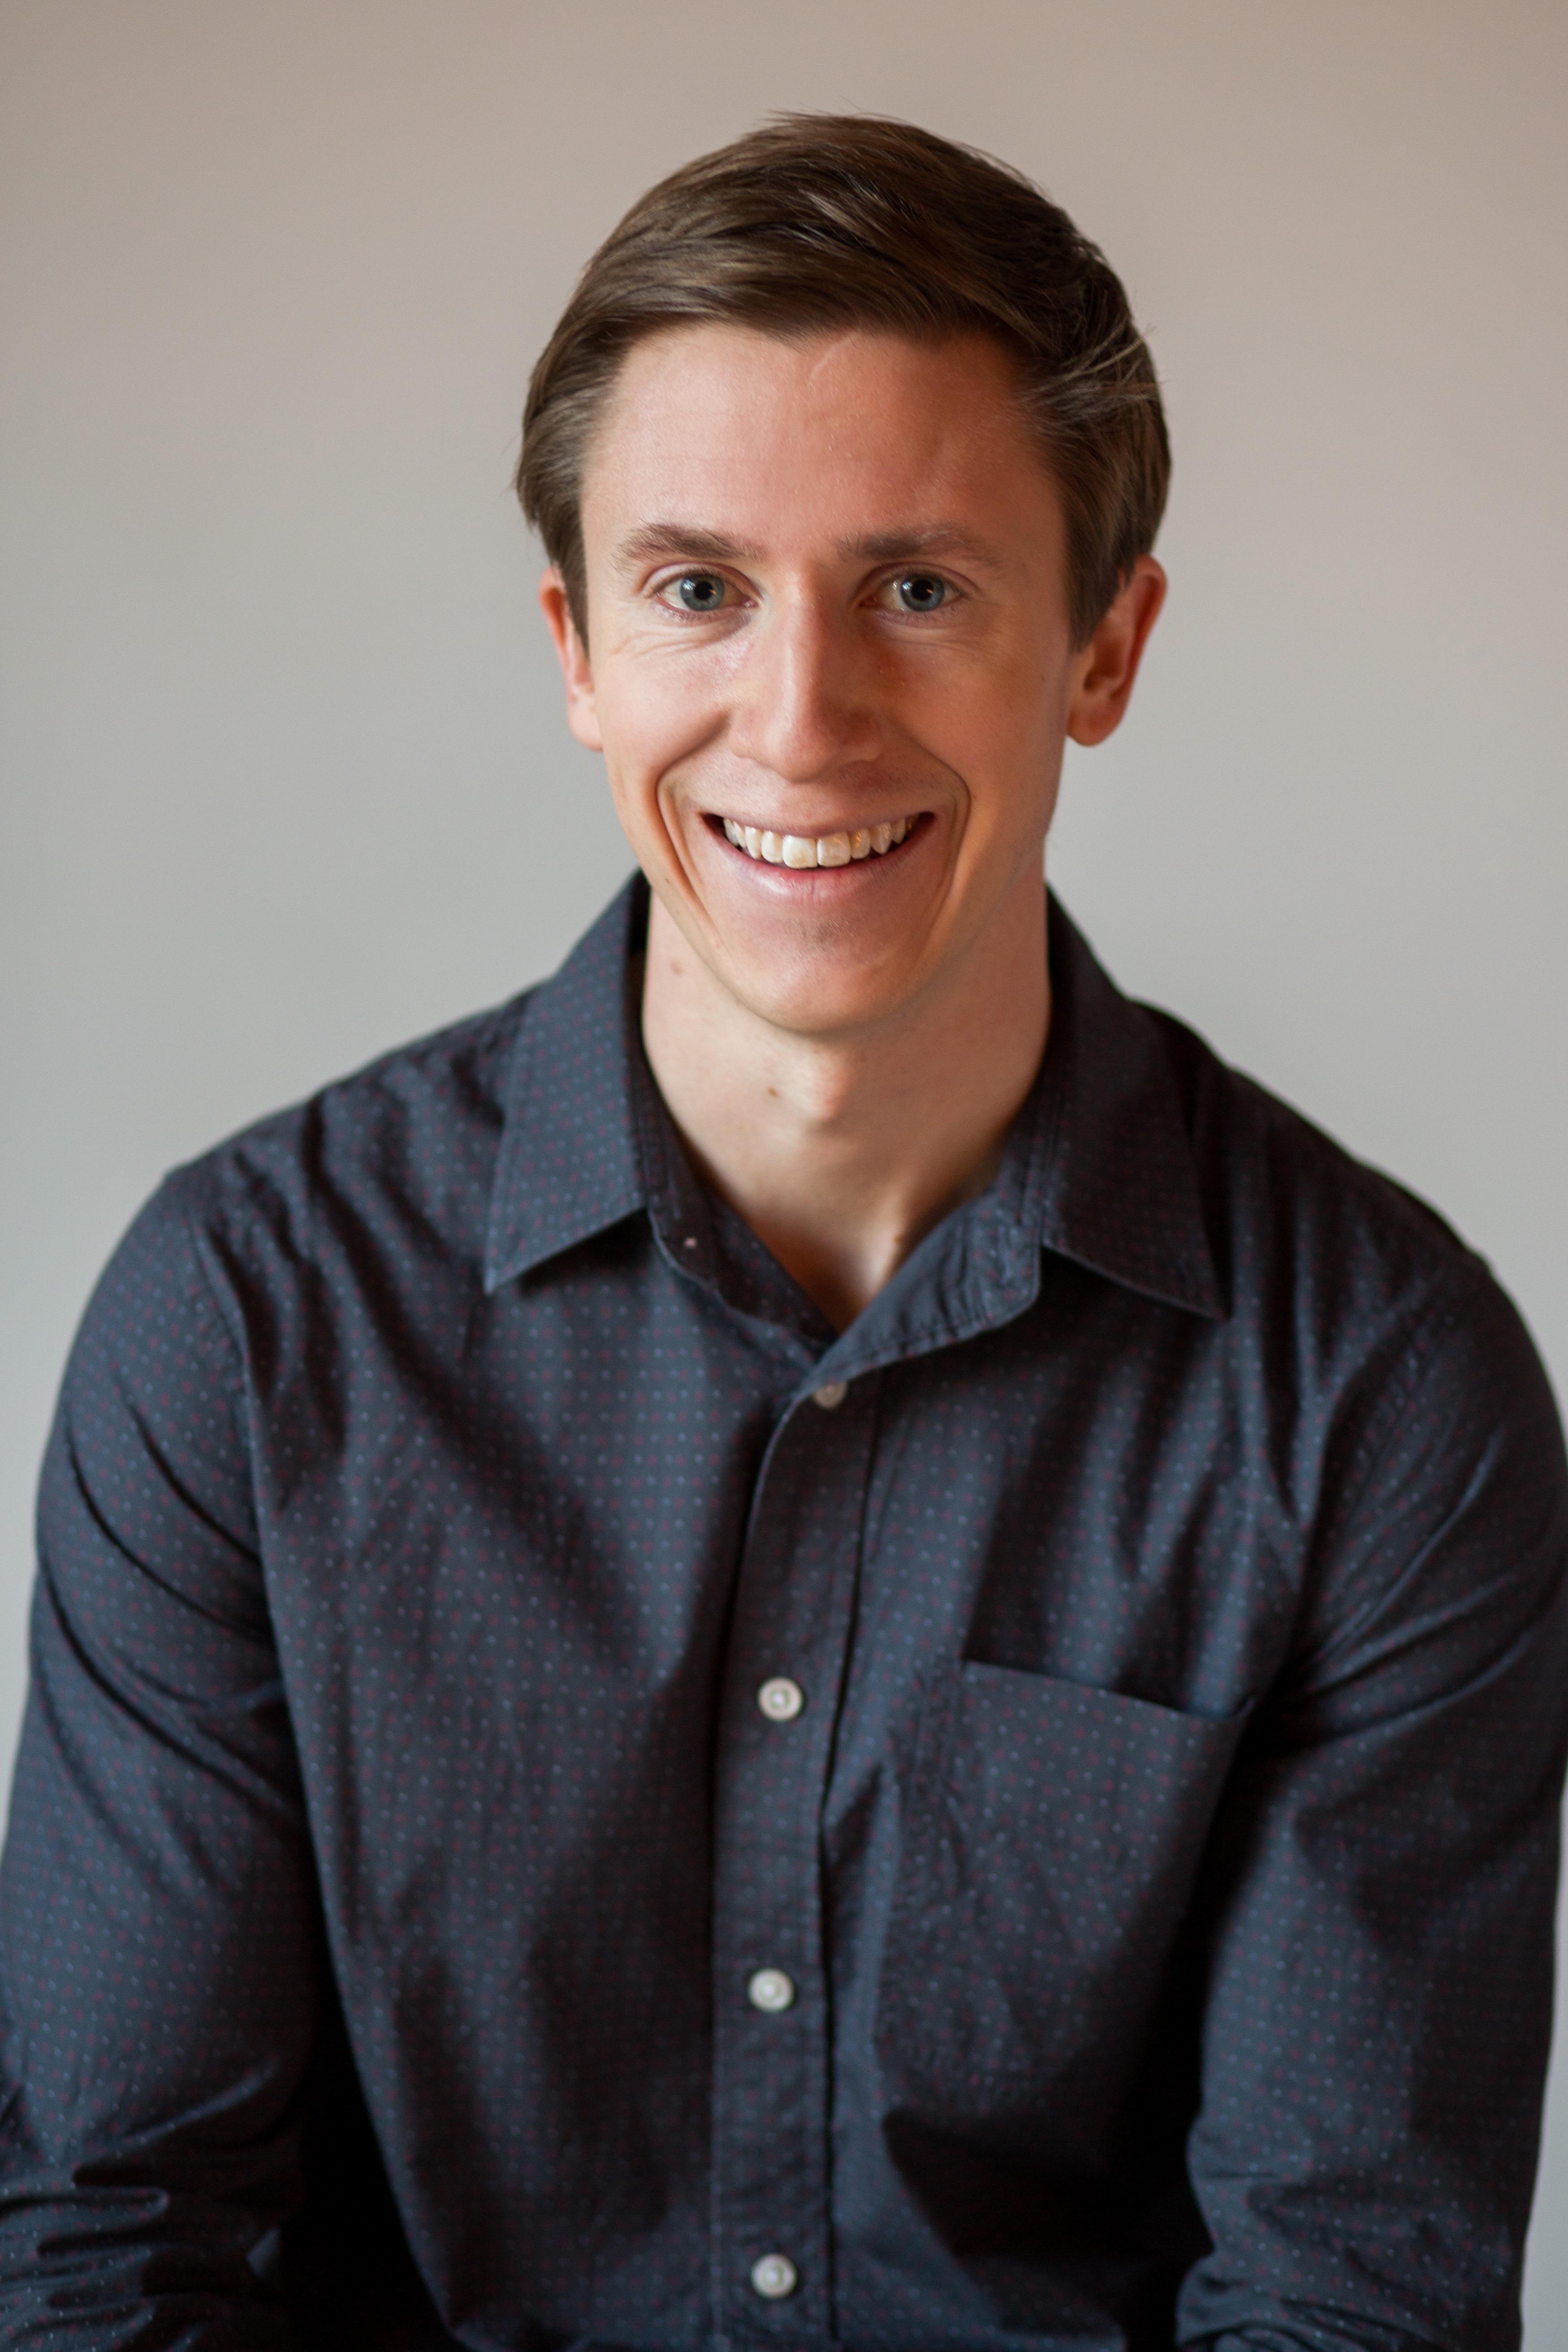 Owen Scheirer